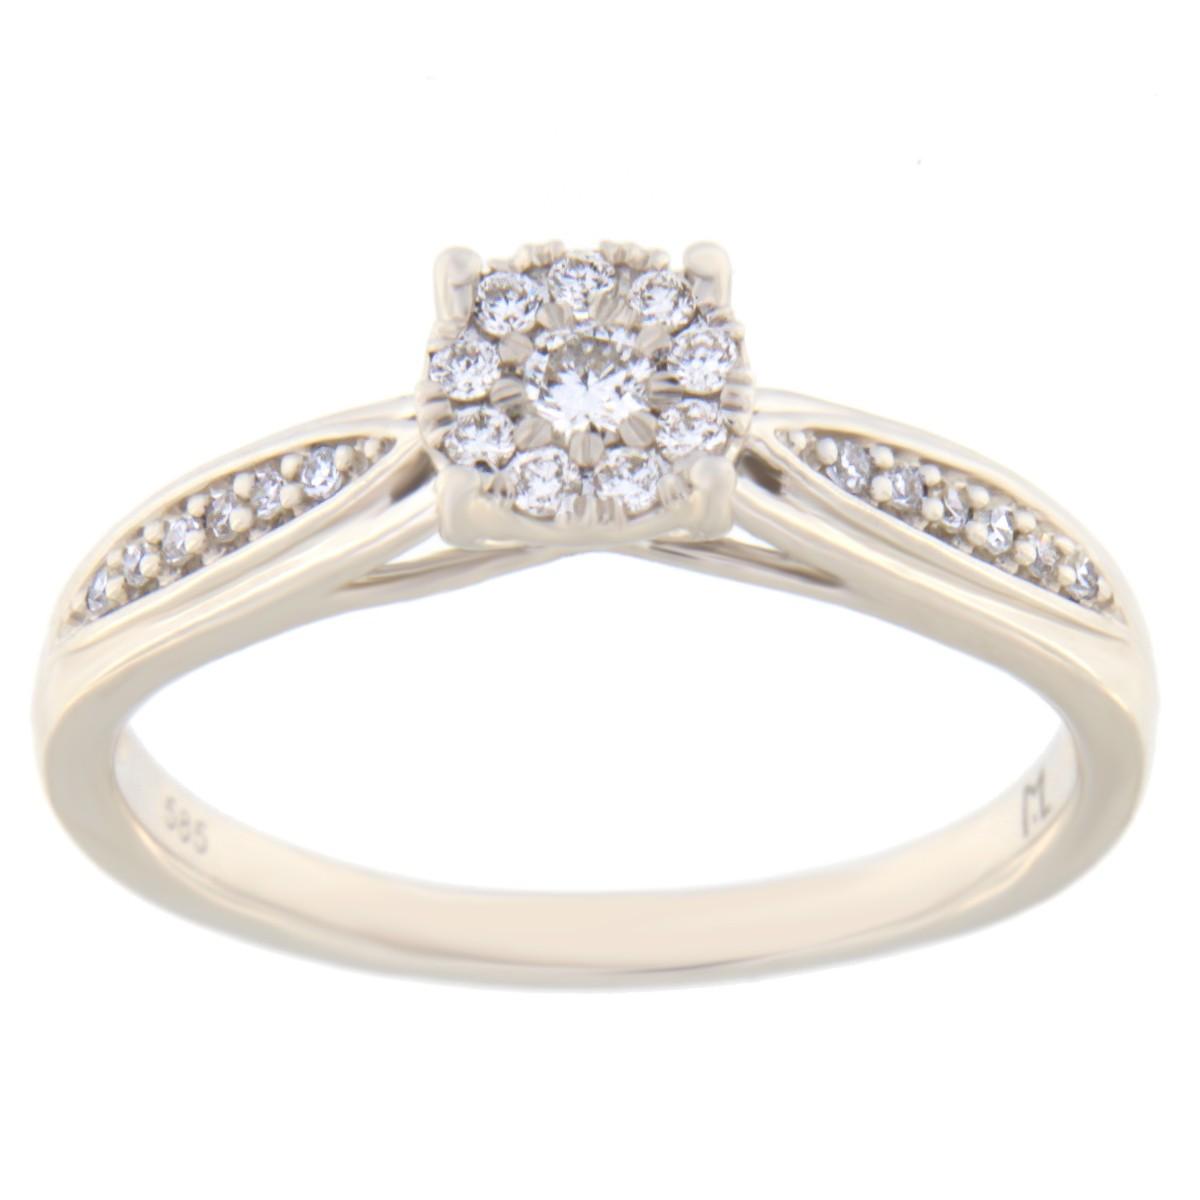 Kullast sõrmus teemantiga 0,15 ct. Kood: 35hc,95he